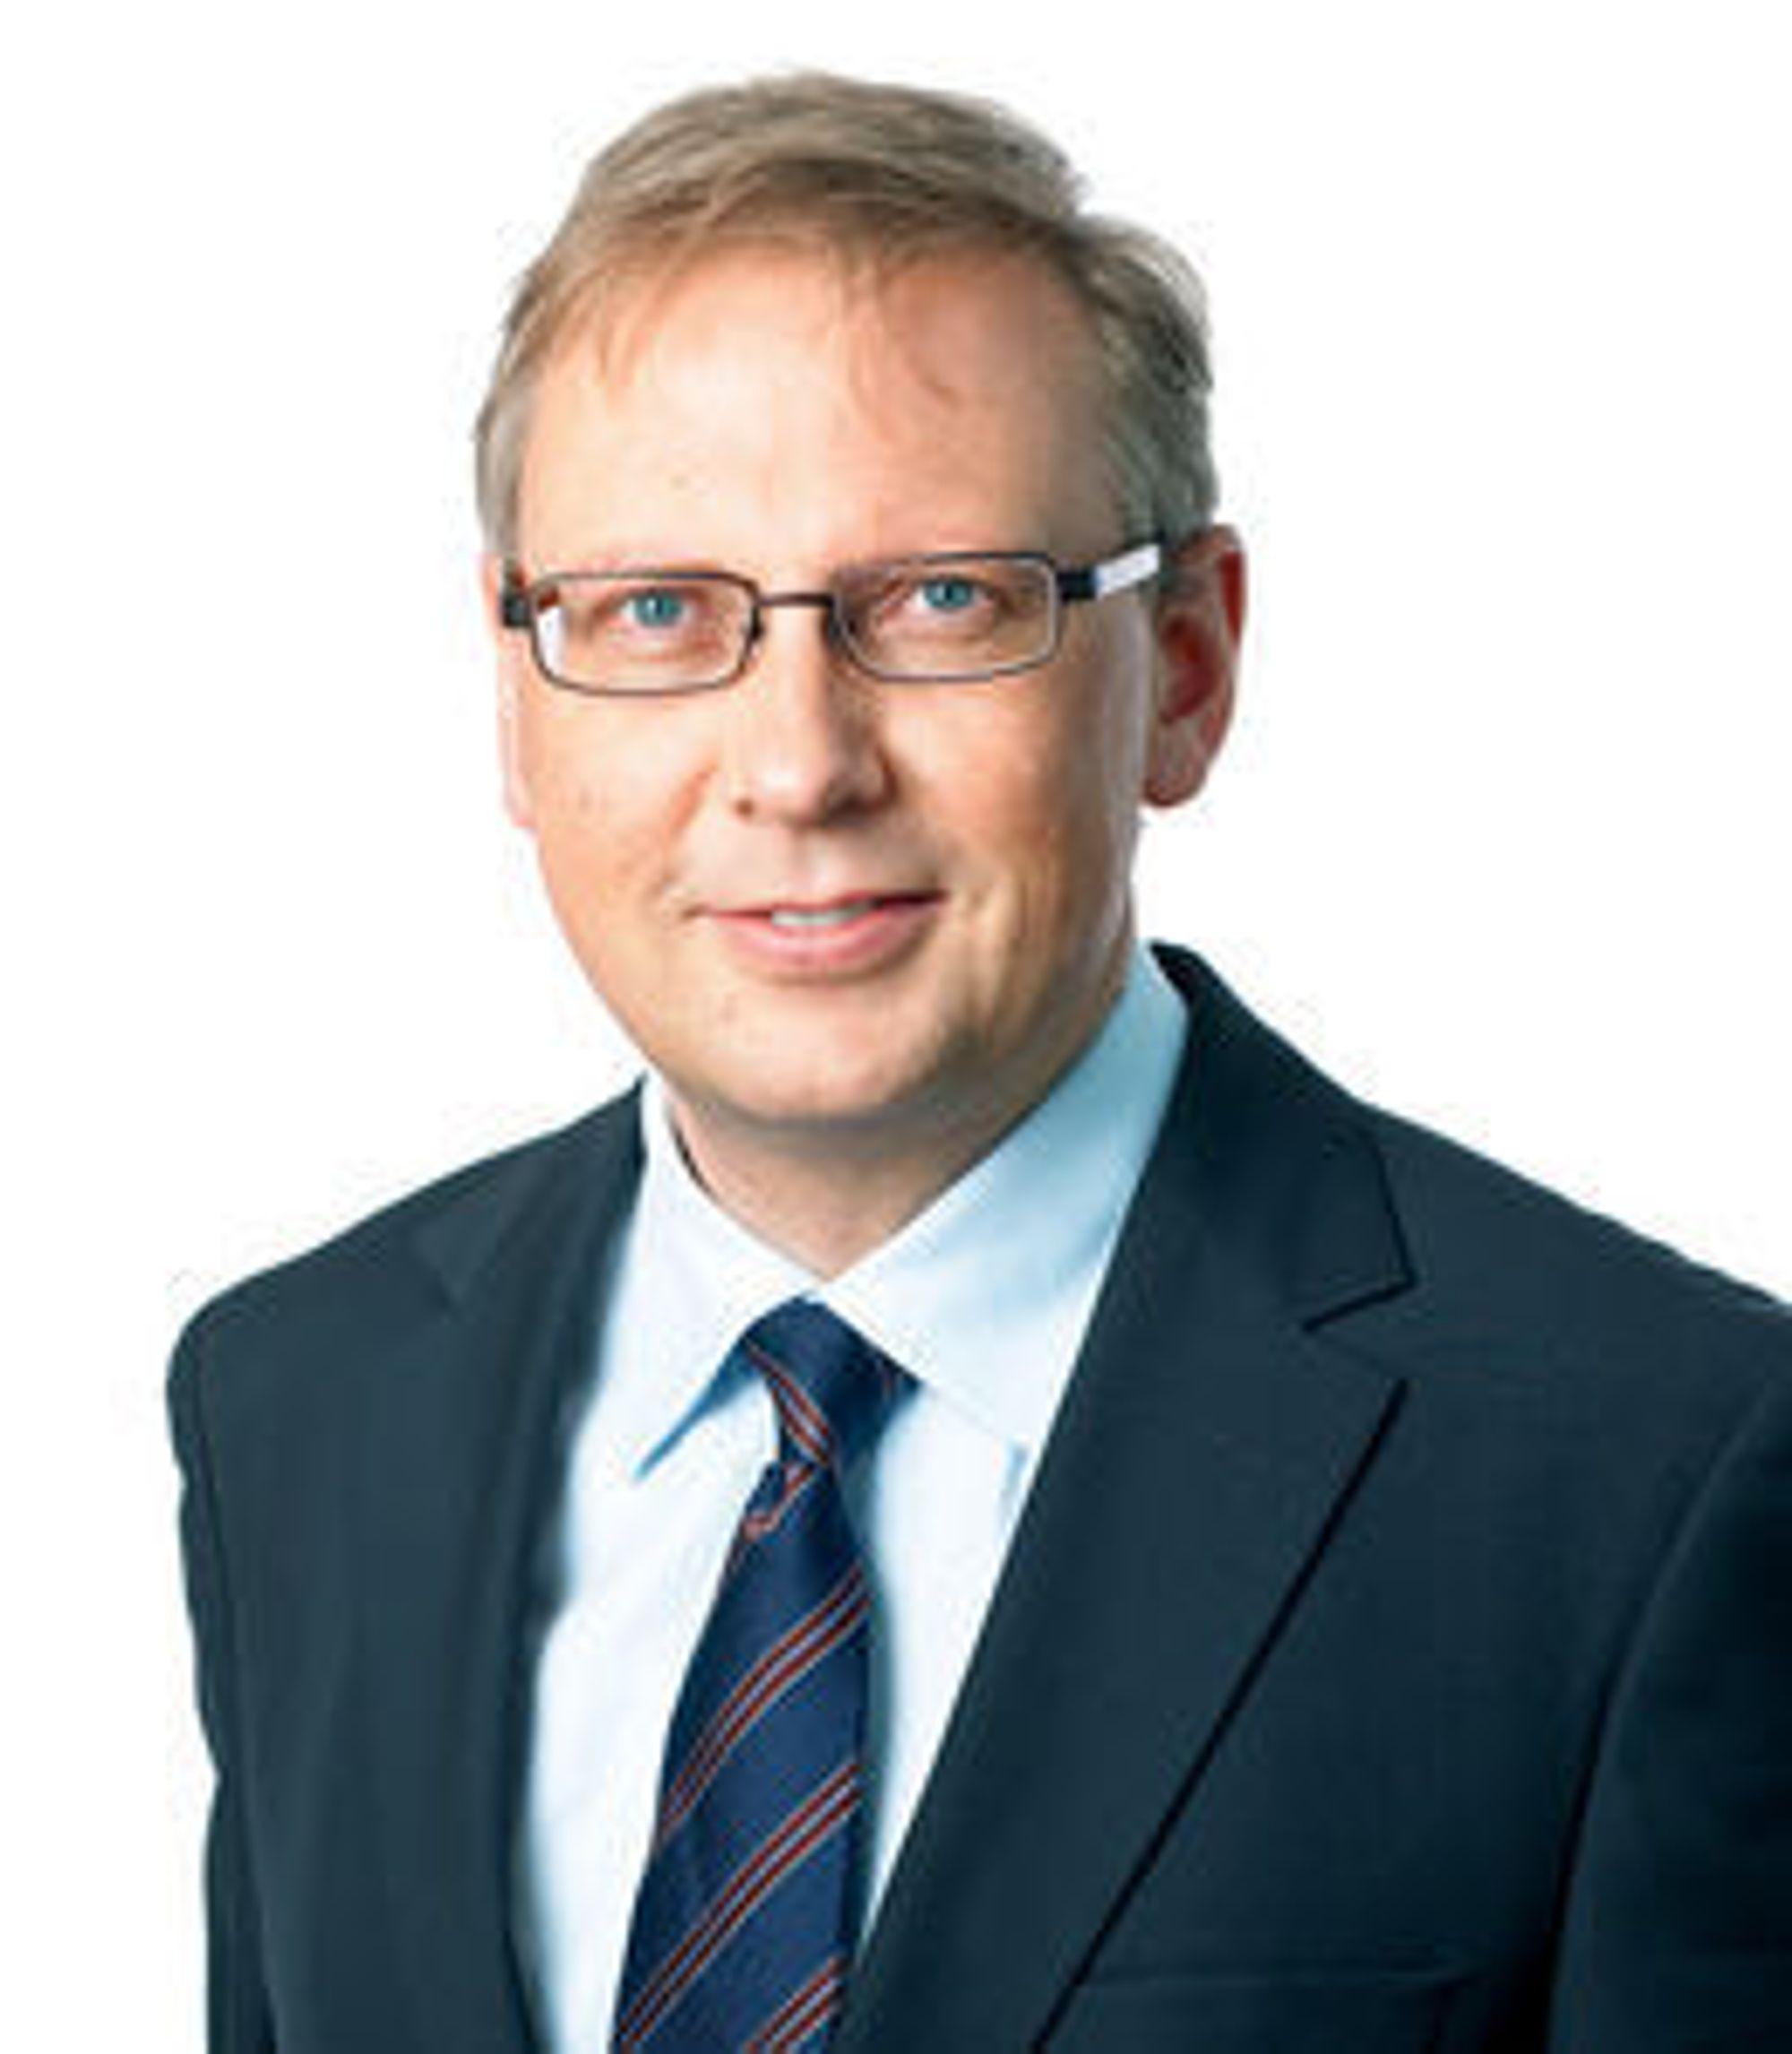 Geir Remman er kommunikasjonsdirektør i Evry.